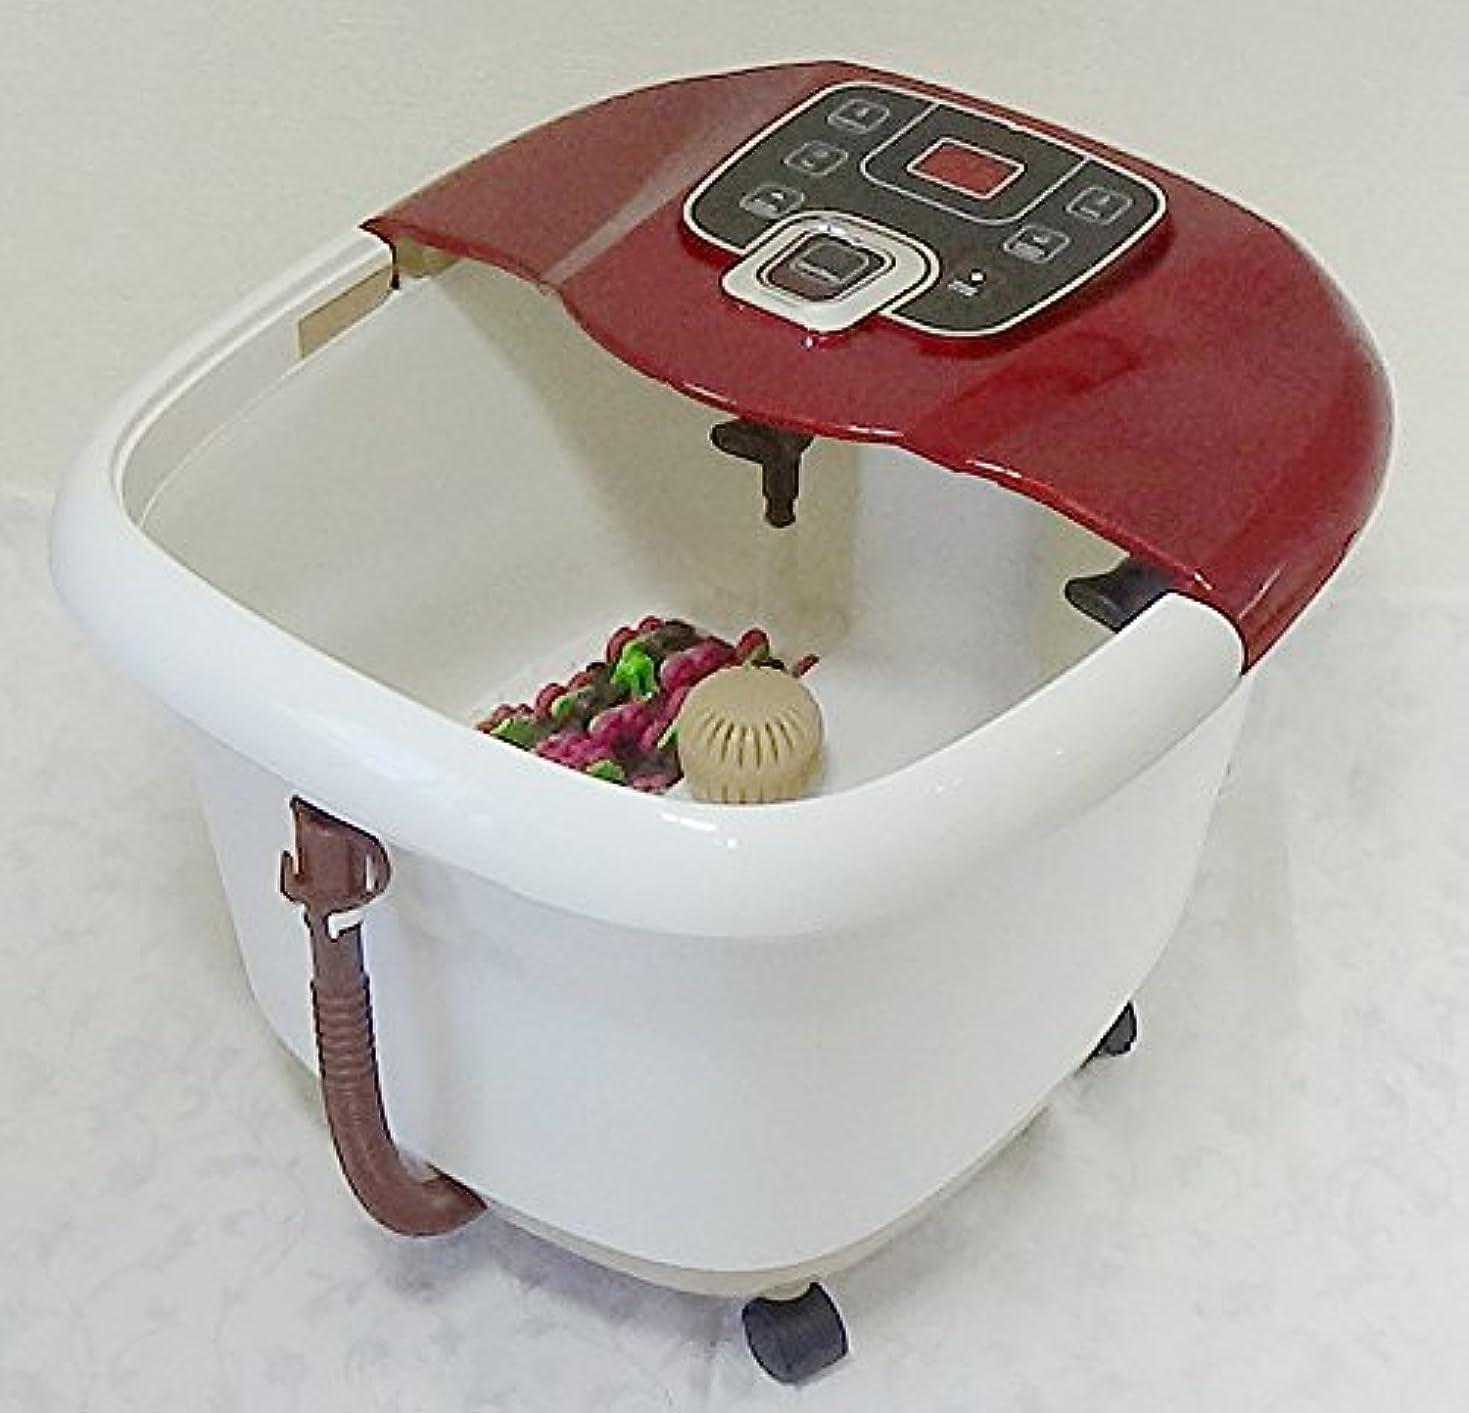 範囲容赦ないボート足湯器 Foot Spa マカナ 足裏マッサージローラー付 温度設定&水循環型